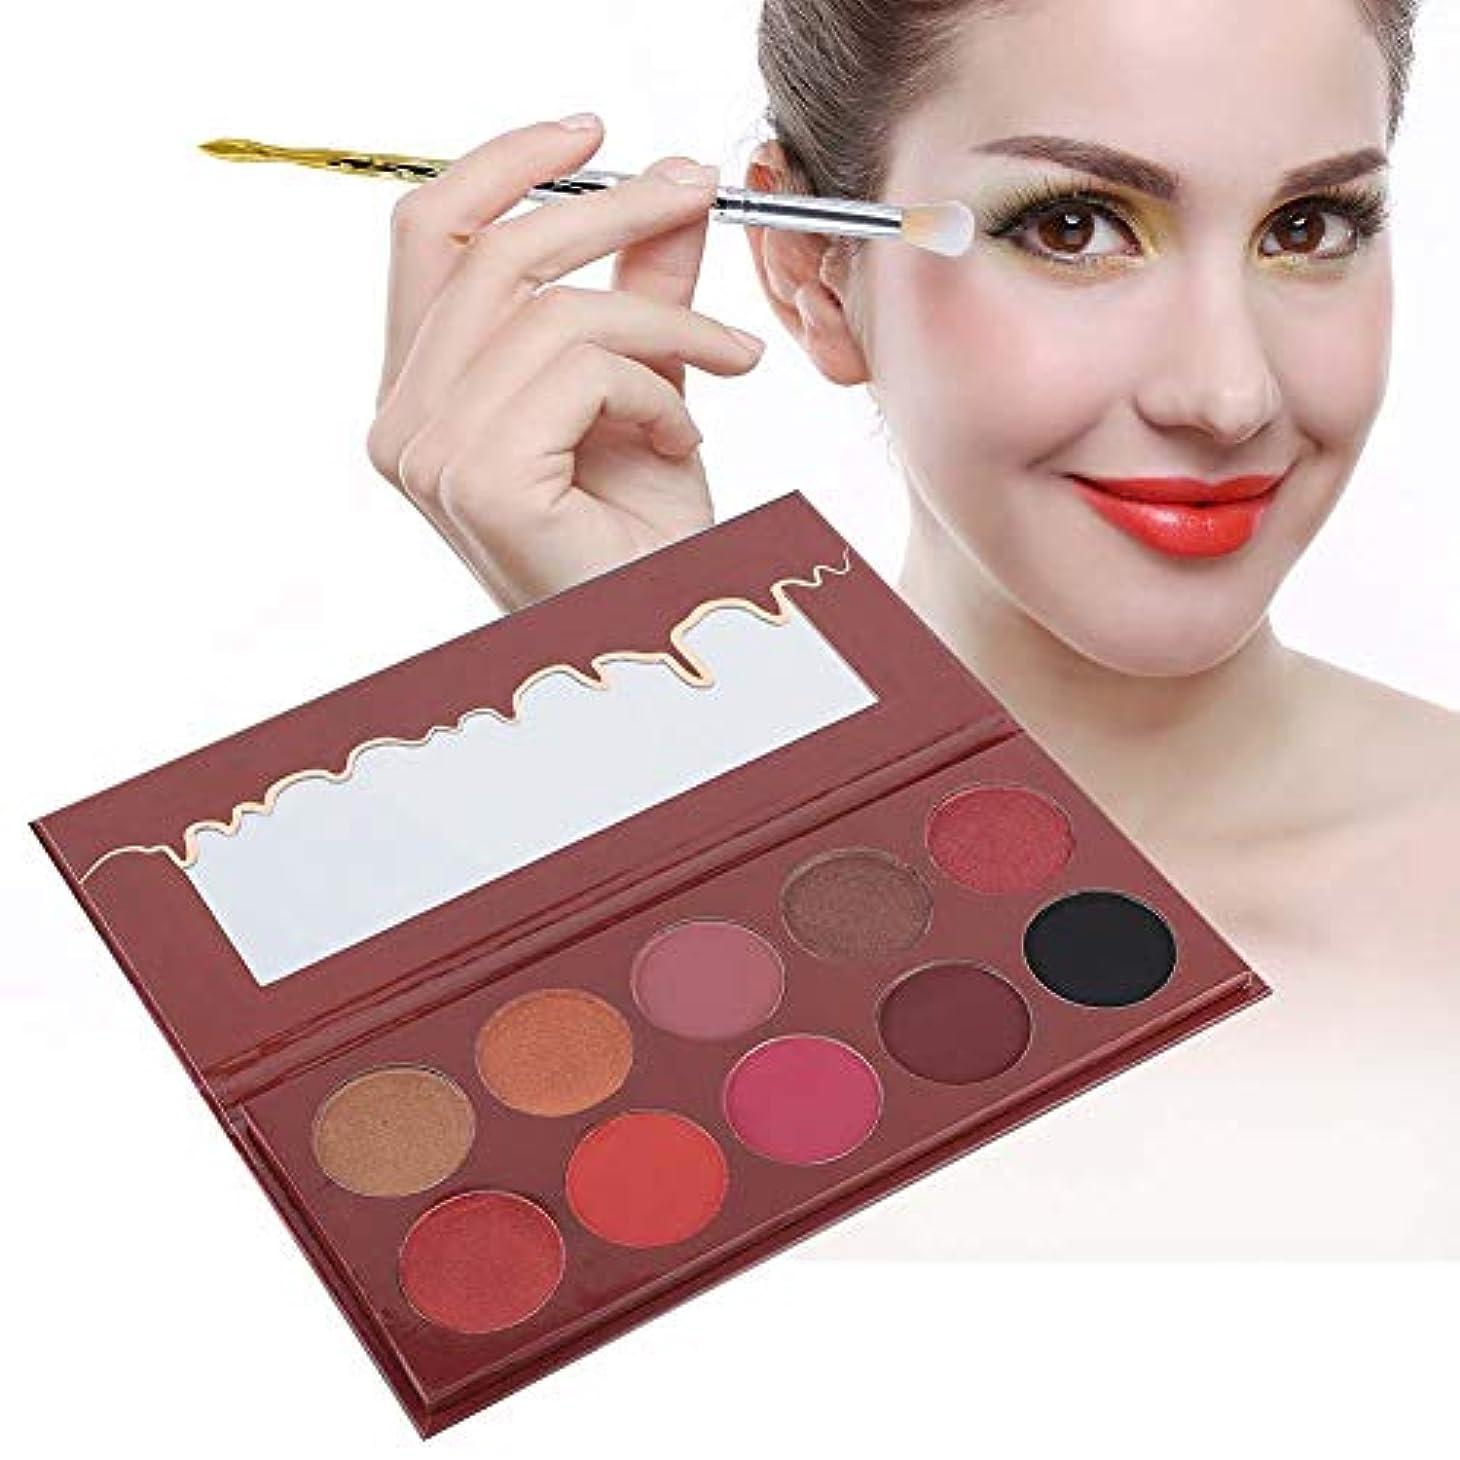 くしゃみ電話をかけるガチョウ10色 アイシャドウパレット アイシャドウパレット 化粧マット グロス アイシャドウパウダー 化粧品ツール